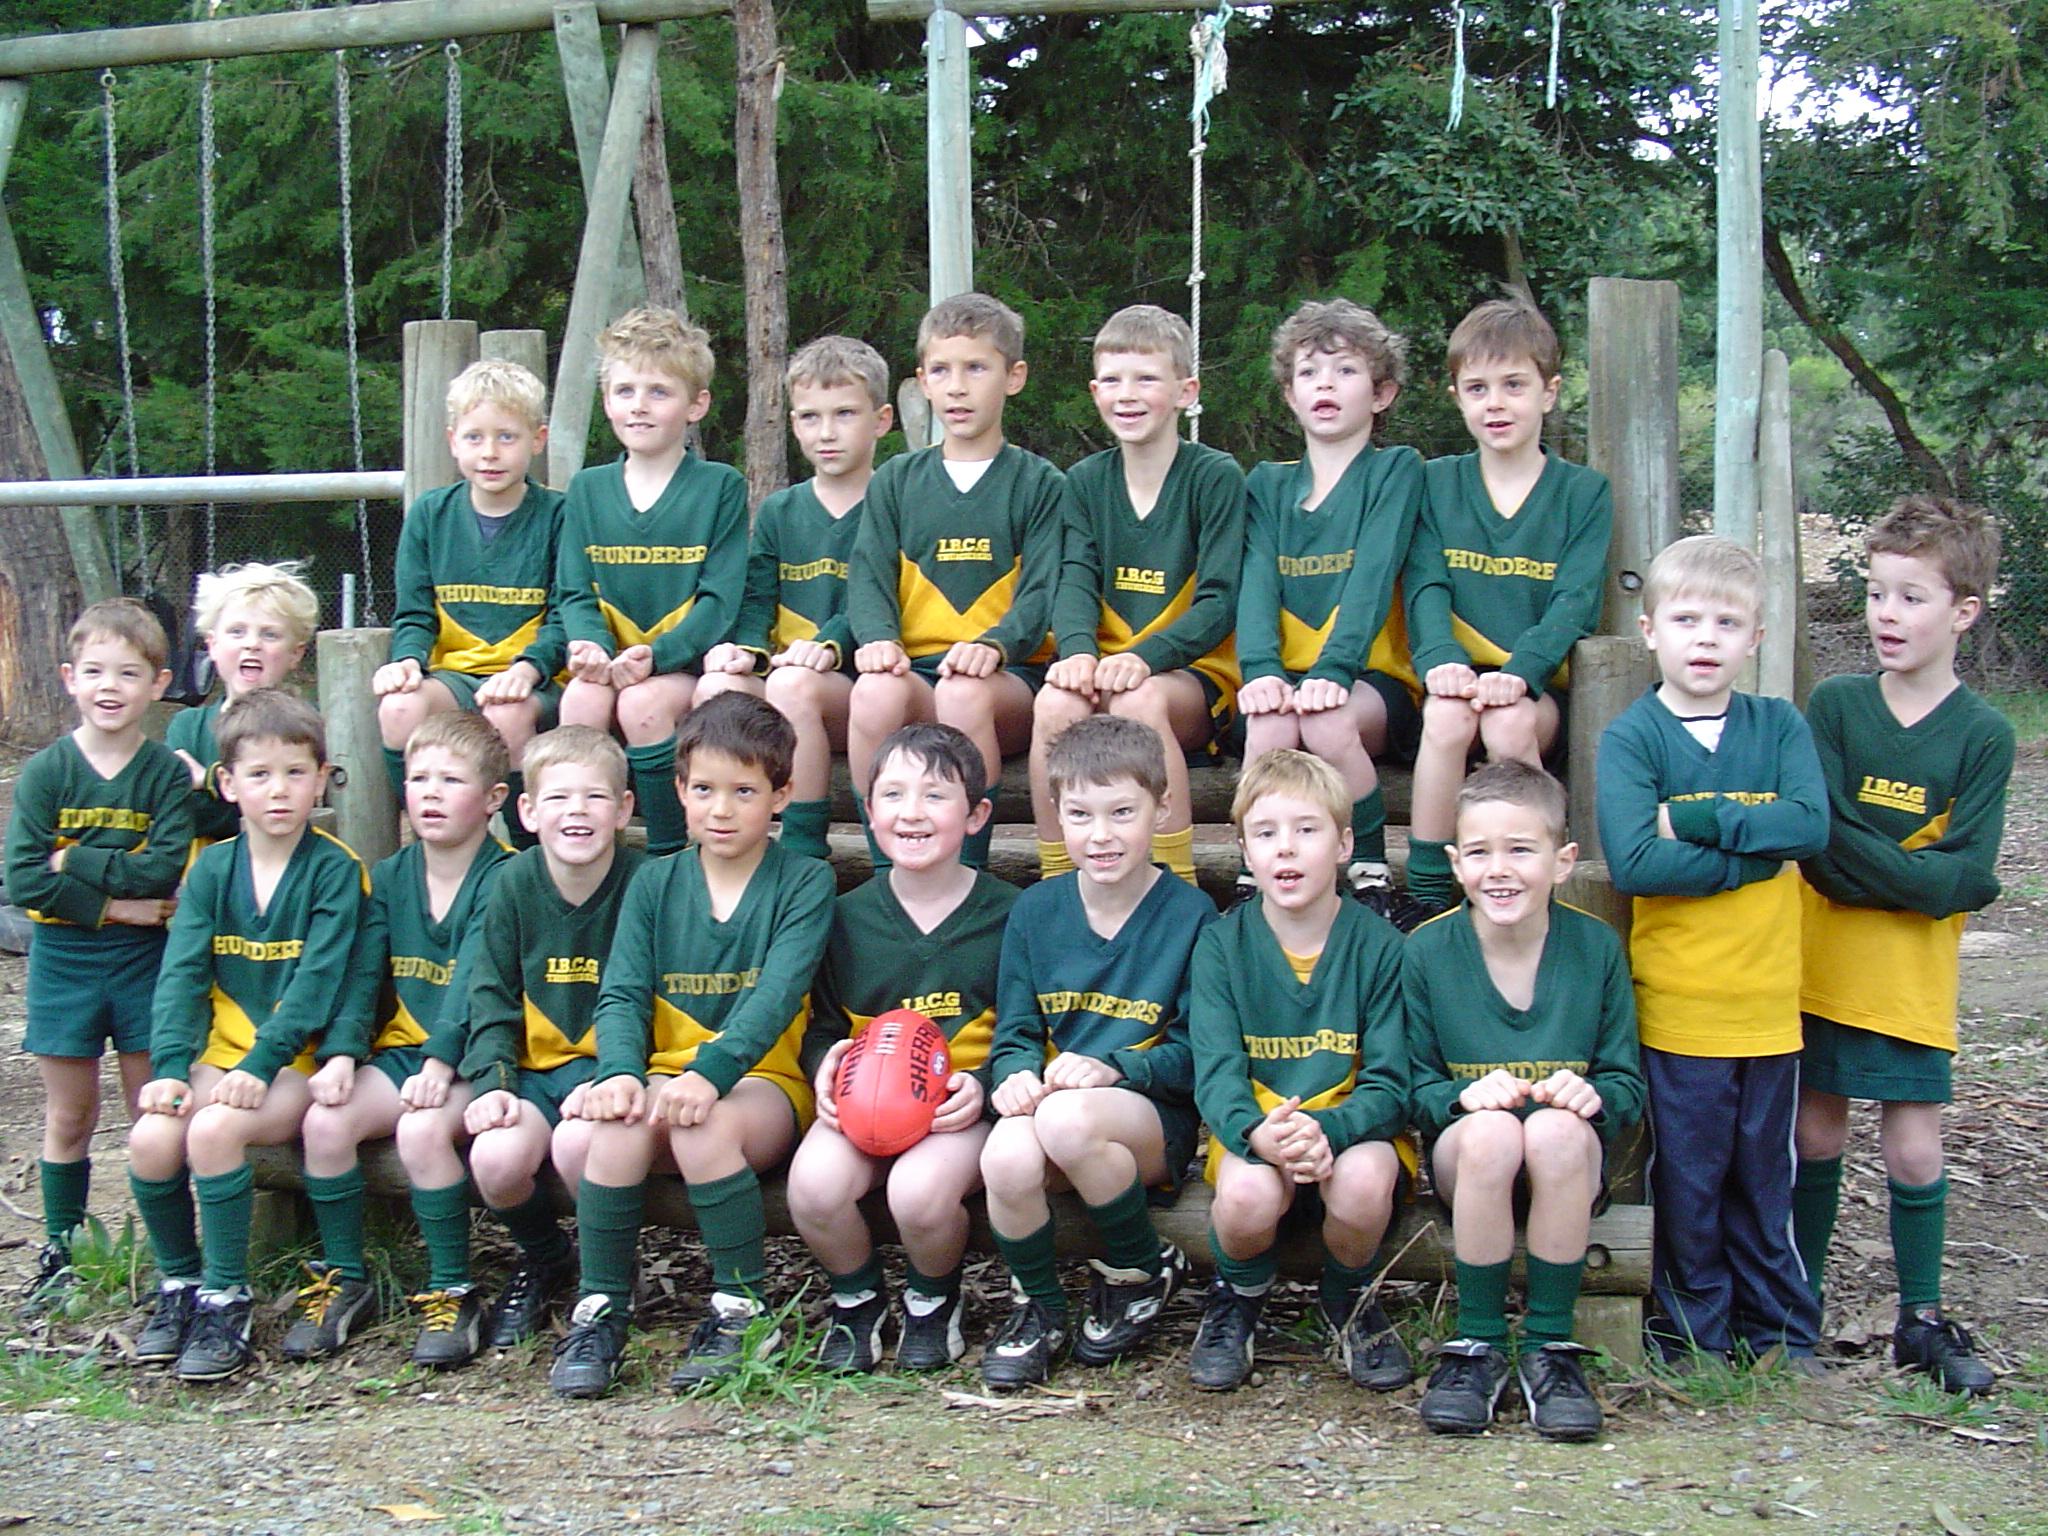 2003 Toms footy team 04.JPG